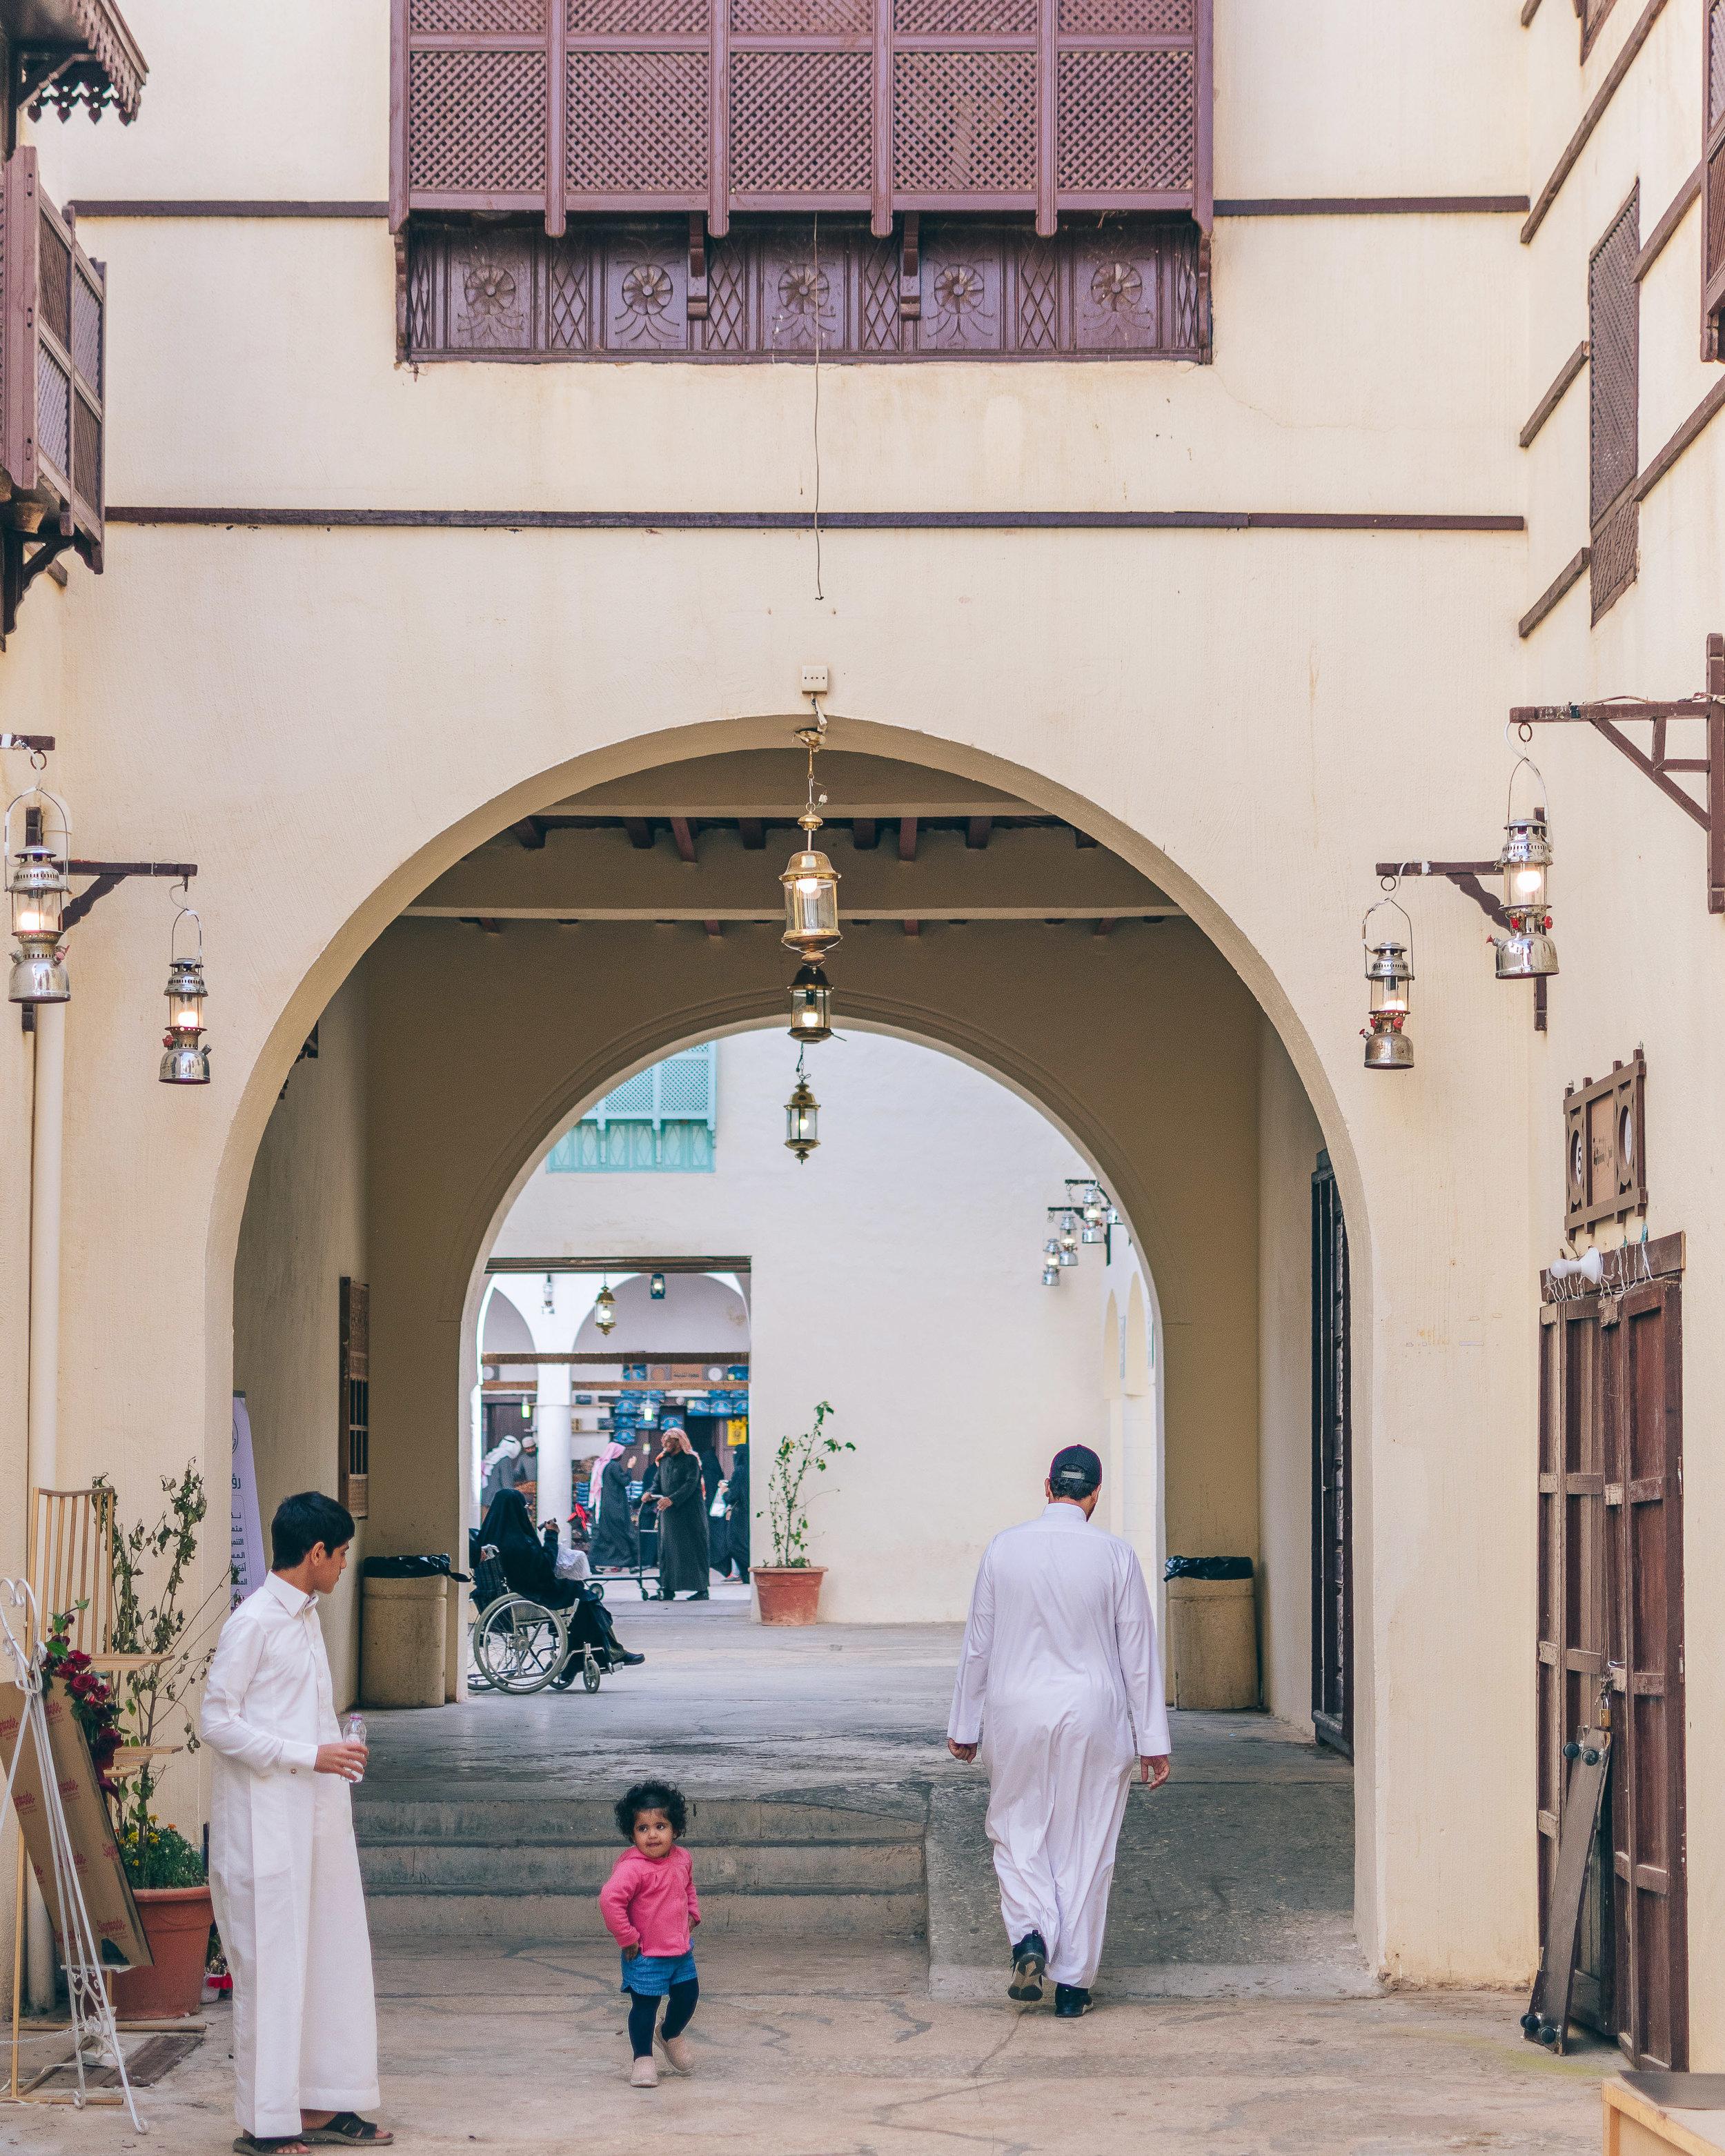 Saudi Arabia Kawa News - Marc Nouss Photography-51.jpg